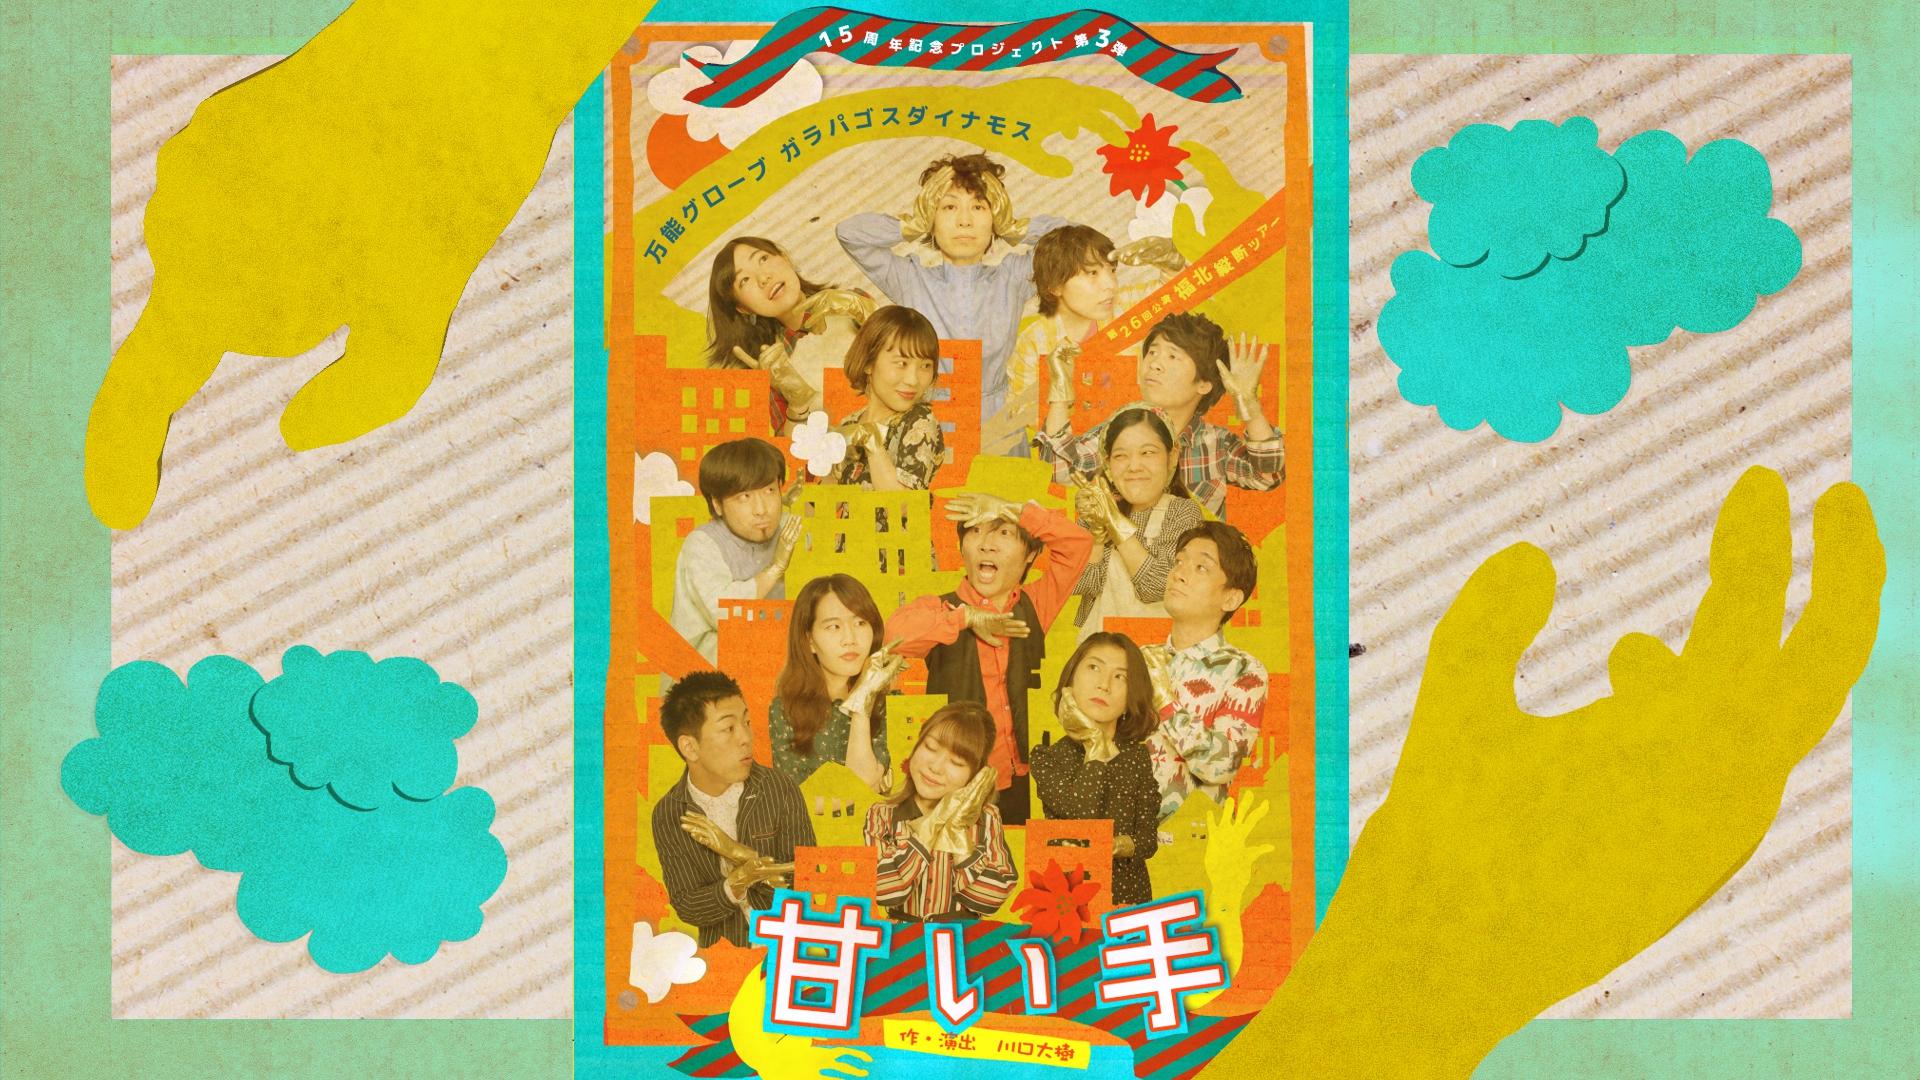 第26回公演『甘い手』